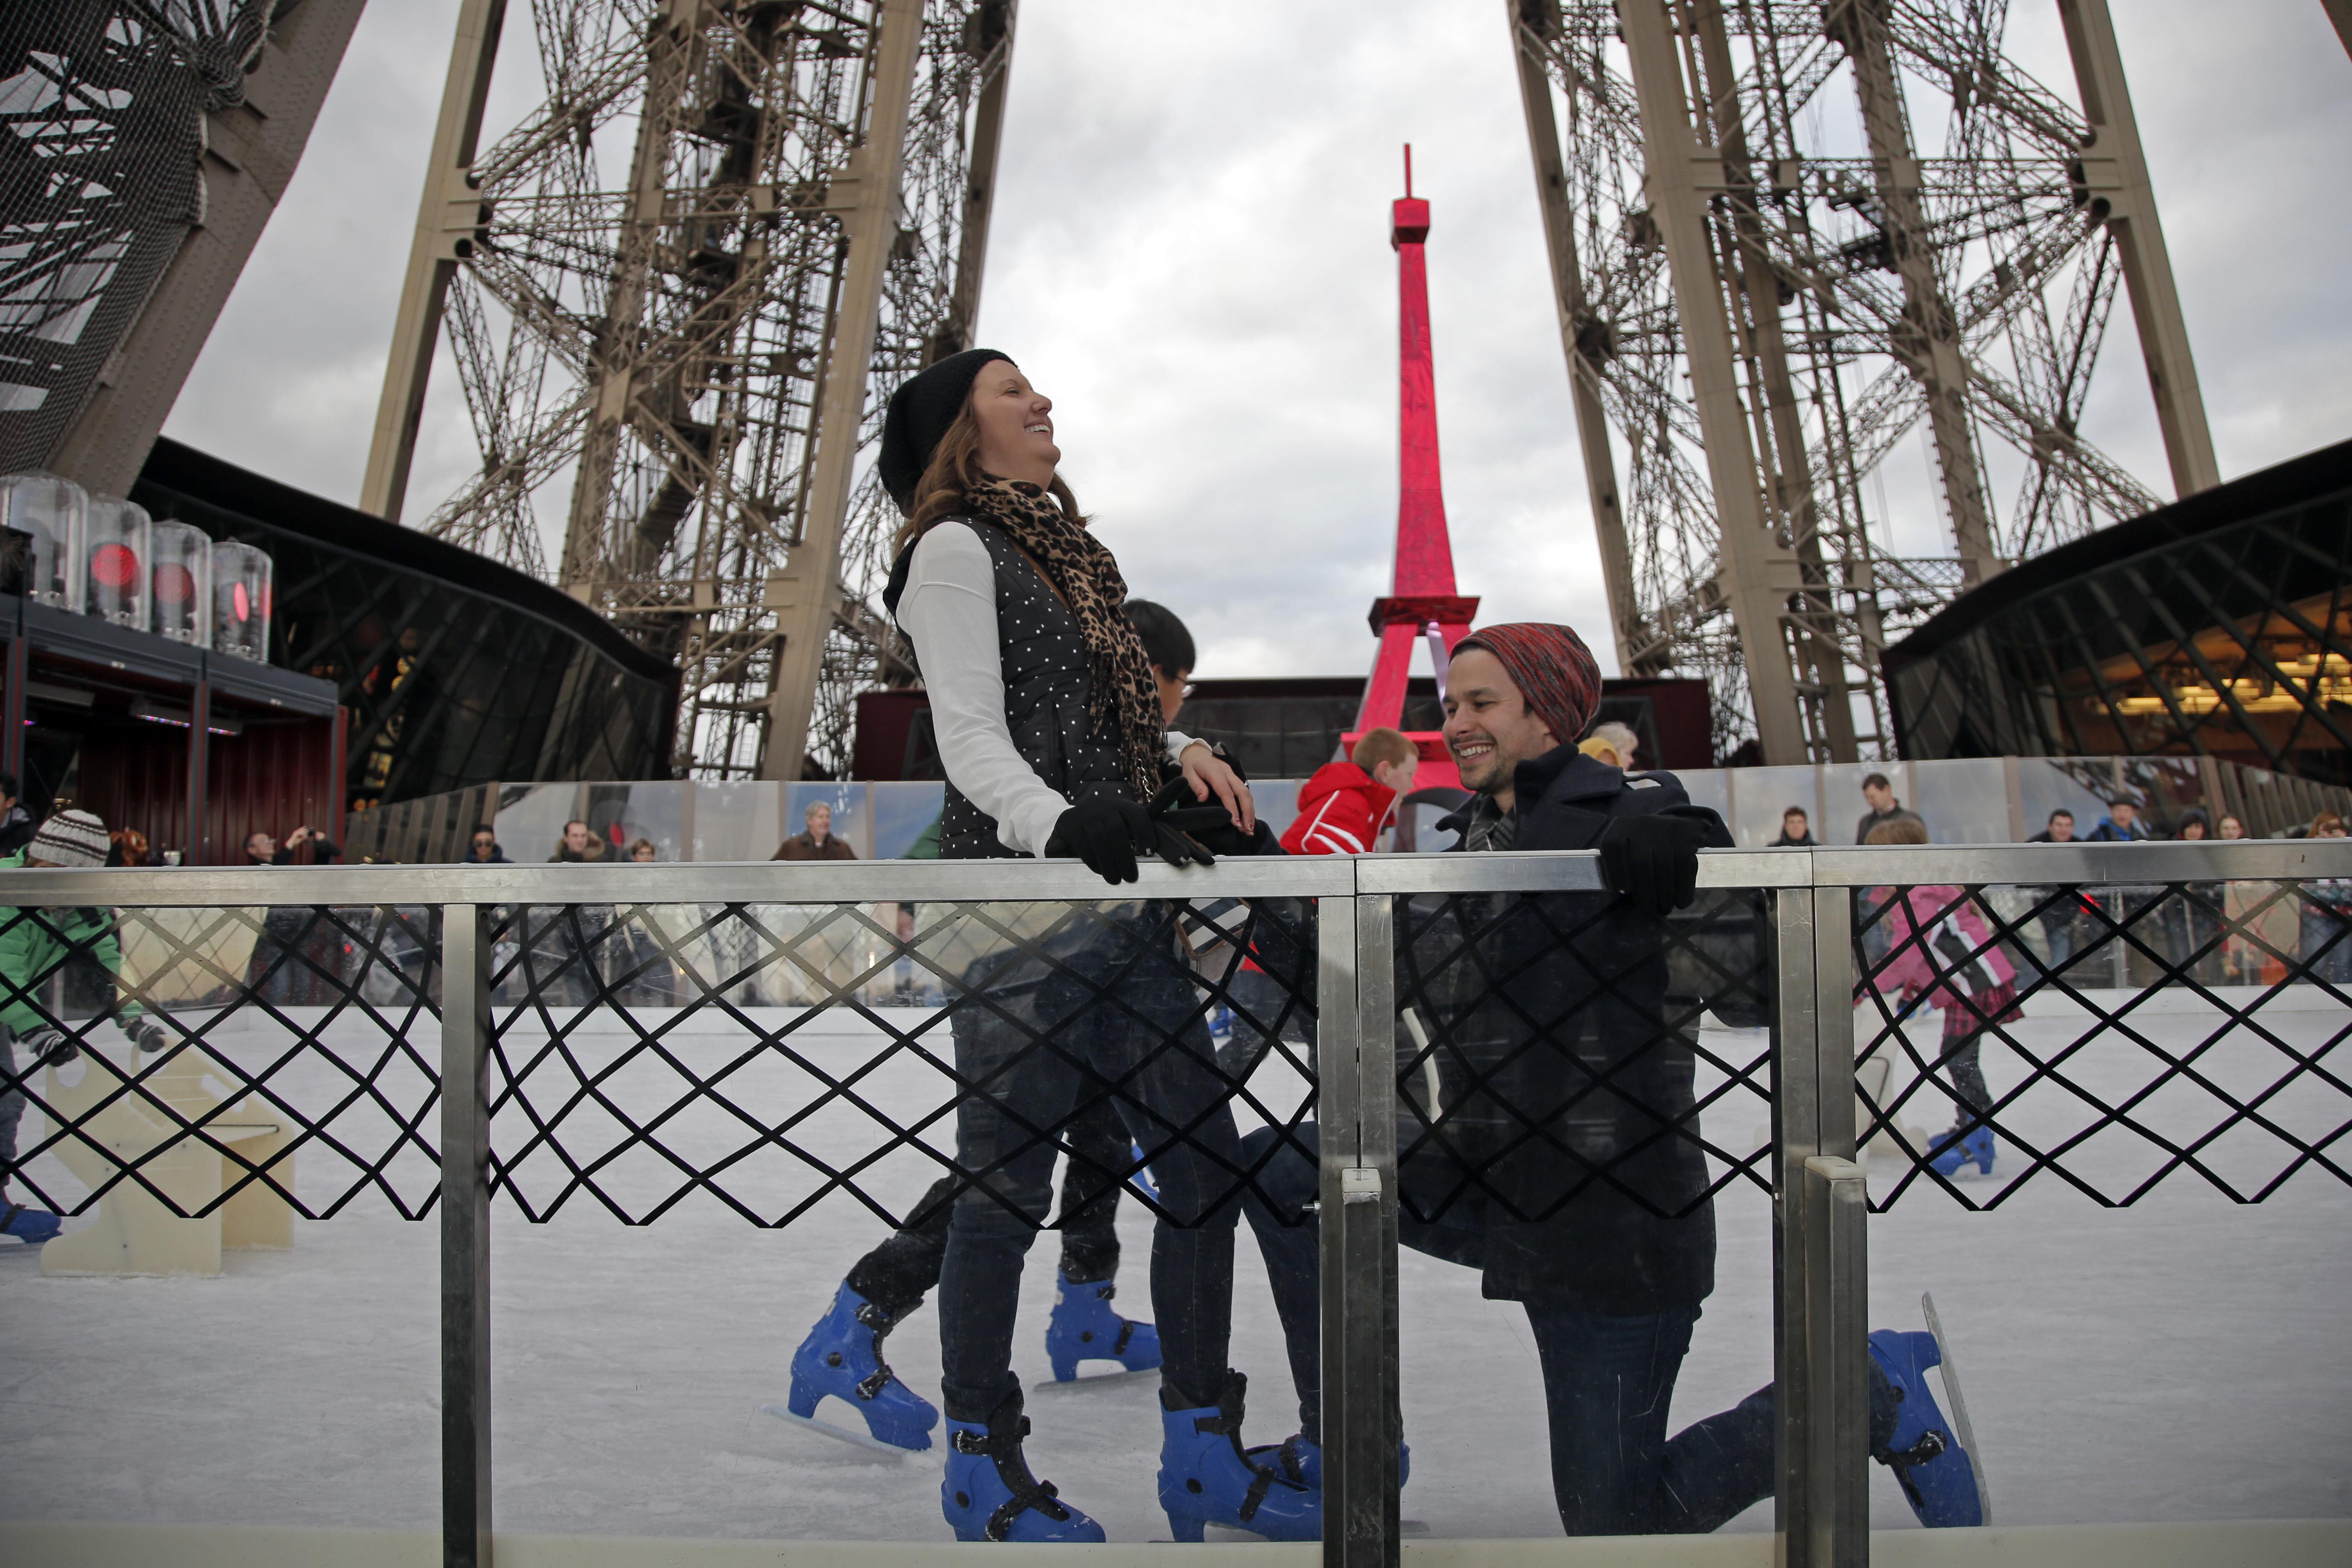 Matrimonio In Parigi : Parigi proposta matrimonio in cima alla torre eiffel